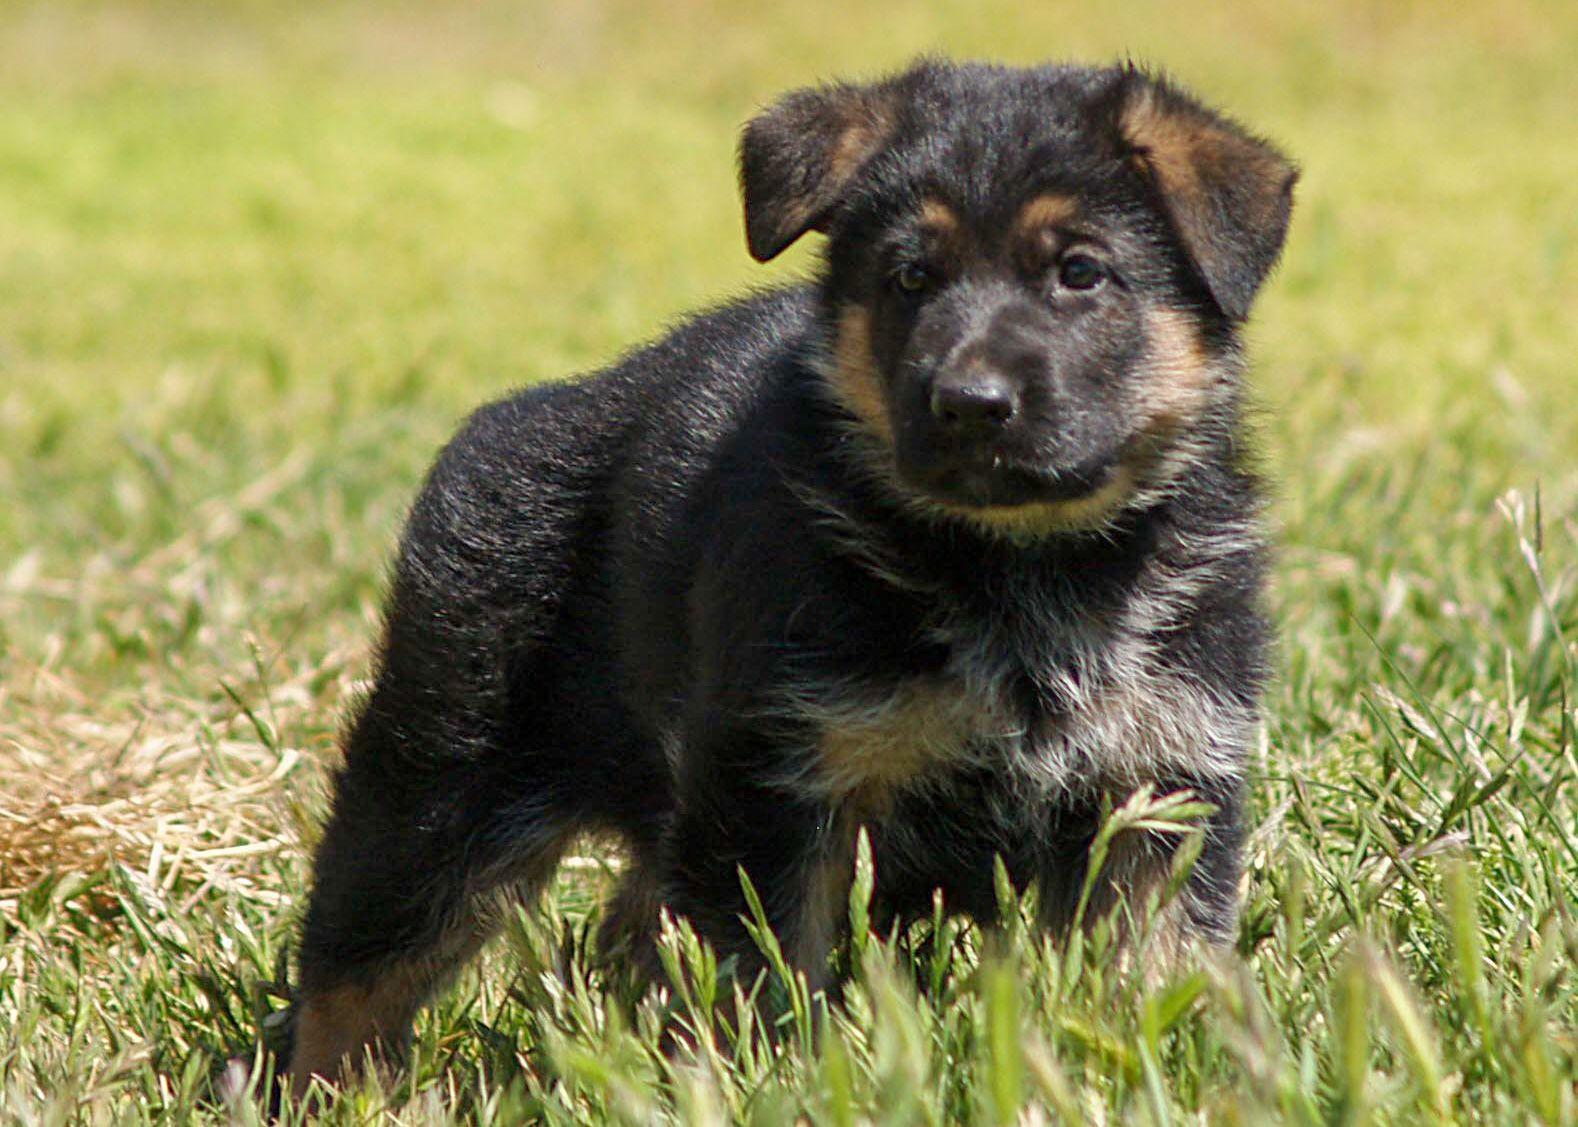 Vom Vollkommen German Shepherds In Amarillo Tx Is Dedicated To Producing Beautiful German Shep In 2020 German Shepherd Puppies German Shepherd Kennels German Shepherd